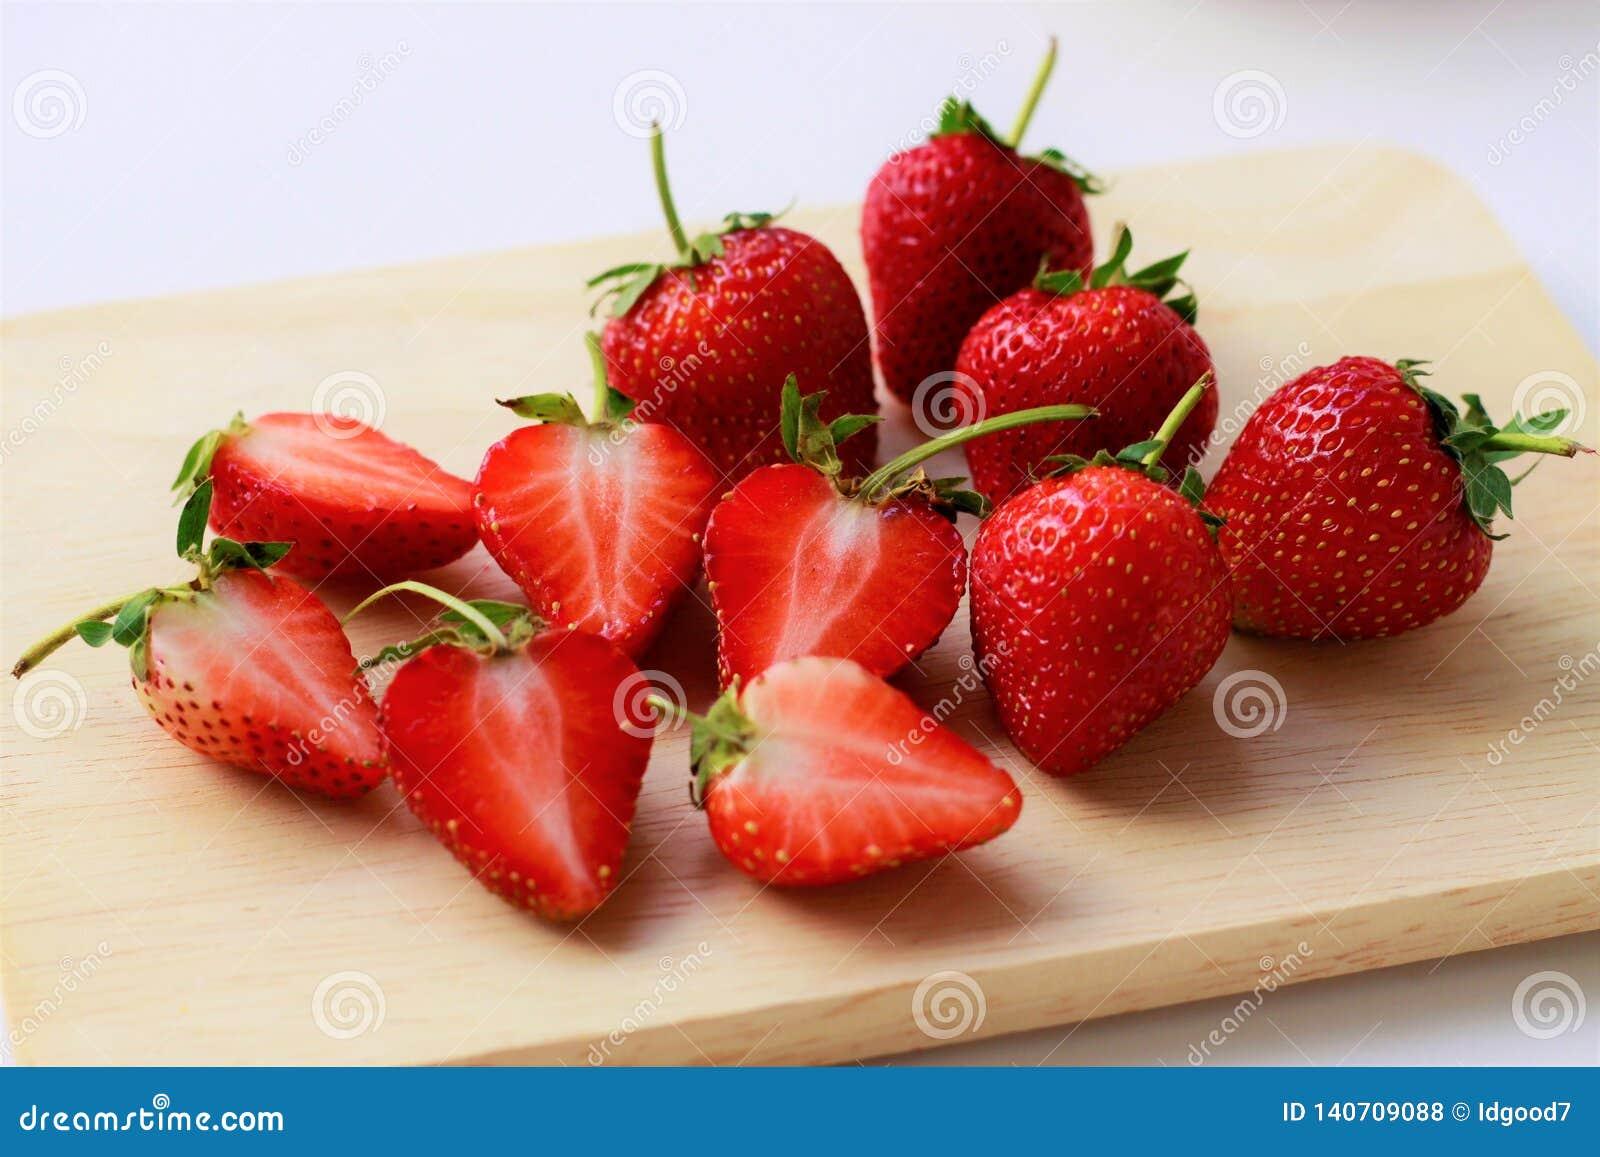 Fin vers le haut des fraises fraîches coupées dans la moitié et des fraises entières sur la planche à découper